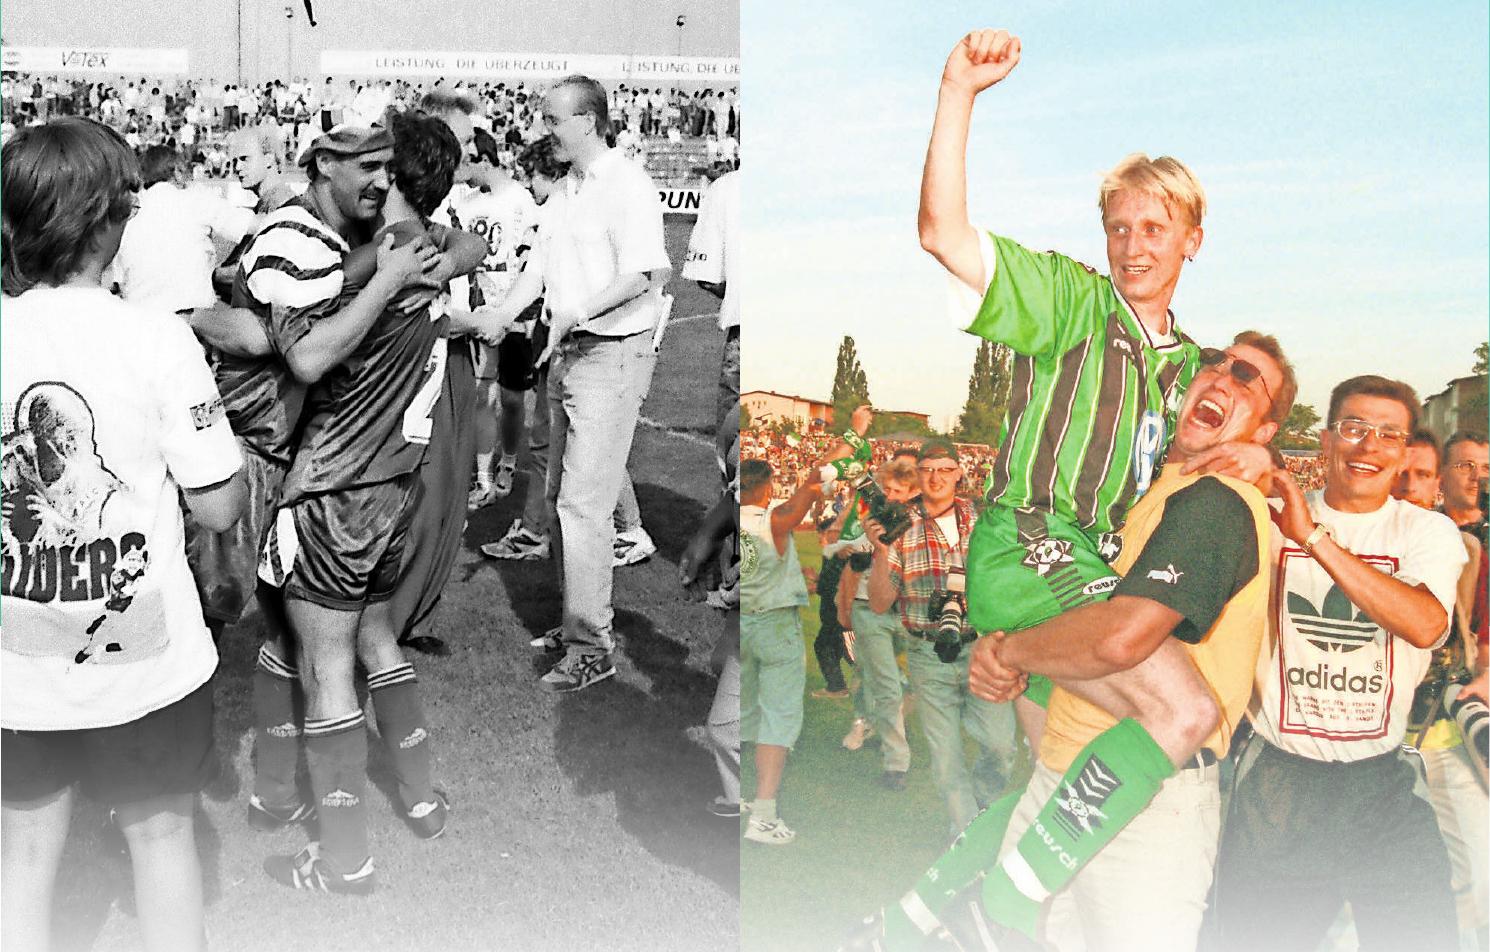 Fußball-Wolfsburg feiert seine Aufstiege: Links 1992 den Sprung in die 2. Liga (mit Mütze Uwe Otto), rechts den Bundesliga-Aufstieg 1997 mit Roy Präger. Fotos: Imago Images Rust/06548459 Boris Baschin